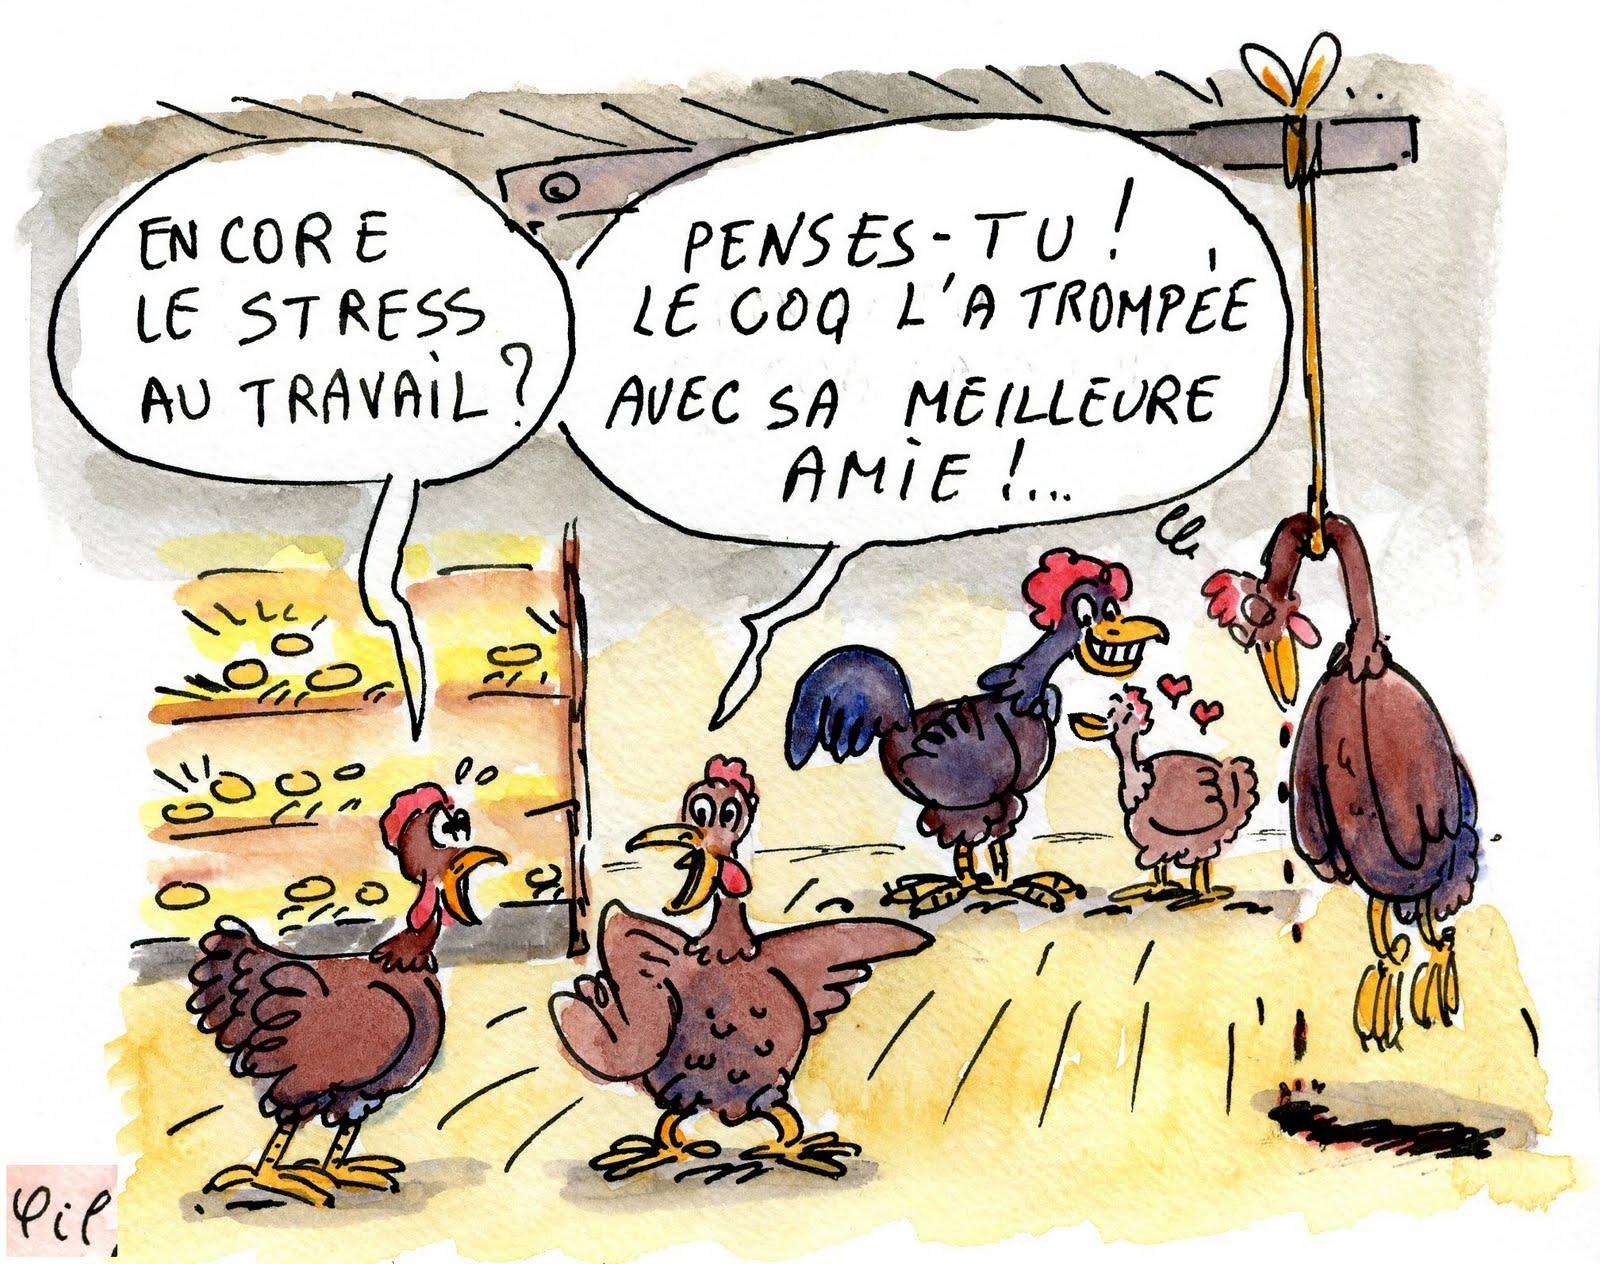 http://4.bp.blogspot.com/_0LLFYJ9FB7k/TApnpksBl0I/AAAAAAAACJY/BAw6ZM3nNsg/s1600/suicide+de+la+poule.JPG